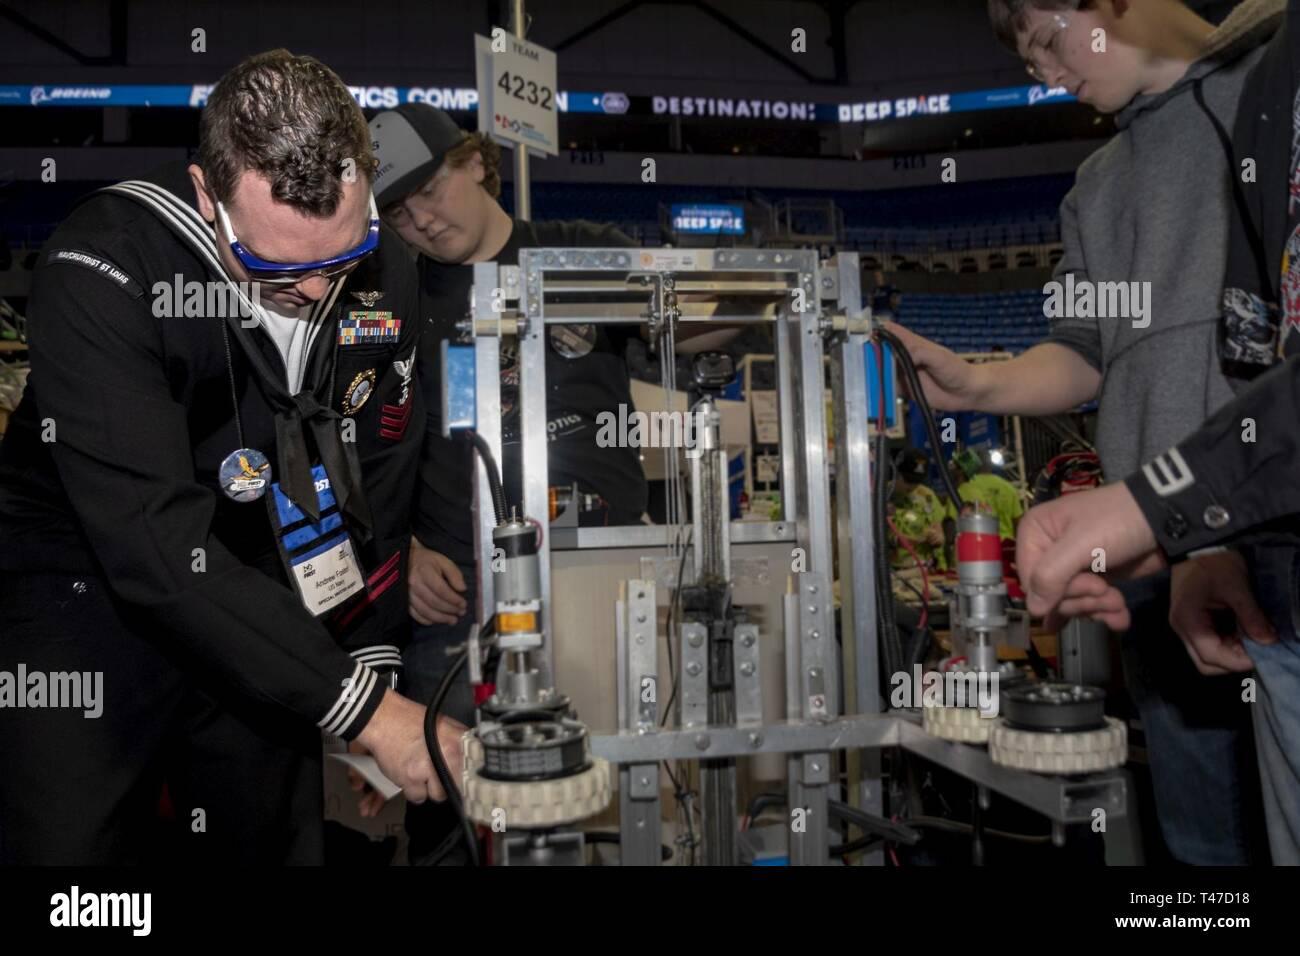 LOUIS (15 mars 2019) Conseiller de la Marine 1ère classe Andrew Foster, affectés à des activités de recrutement pour la Marine (BDNI) Saint Louis, place de l'US Navy un autocollant à une école secondaire d'Alton, Illinois, robot au cours de la For Inspiration and Recognition of Science and Technology (première) Robotics St. Louis concours régional, le 15 mars 2019. Premier Robotics est un lycée international concours de robotique qui se tient chaque année à laquelle les équipes d'élèves du secondaire, les entraîneurs et les mentors, des jeux de construction des robots qui effectuer des tâches telles que la notation des balles dans les buts, disques volants en buts, les chambres à air sur des racks, hanging on Banque D'Images